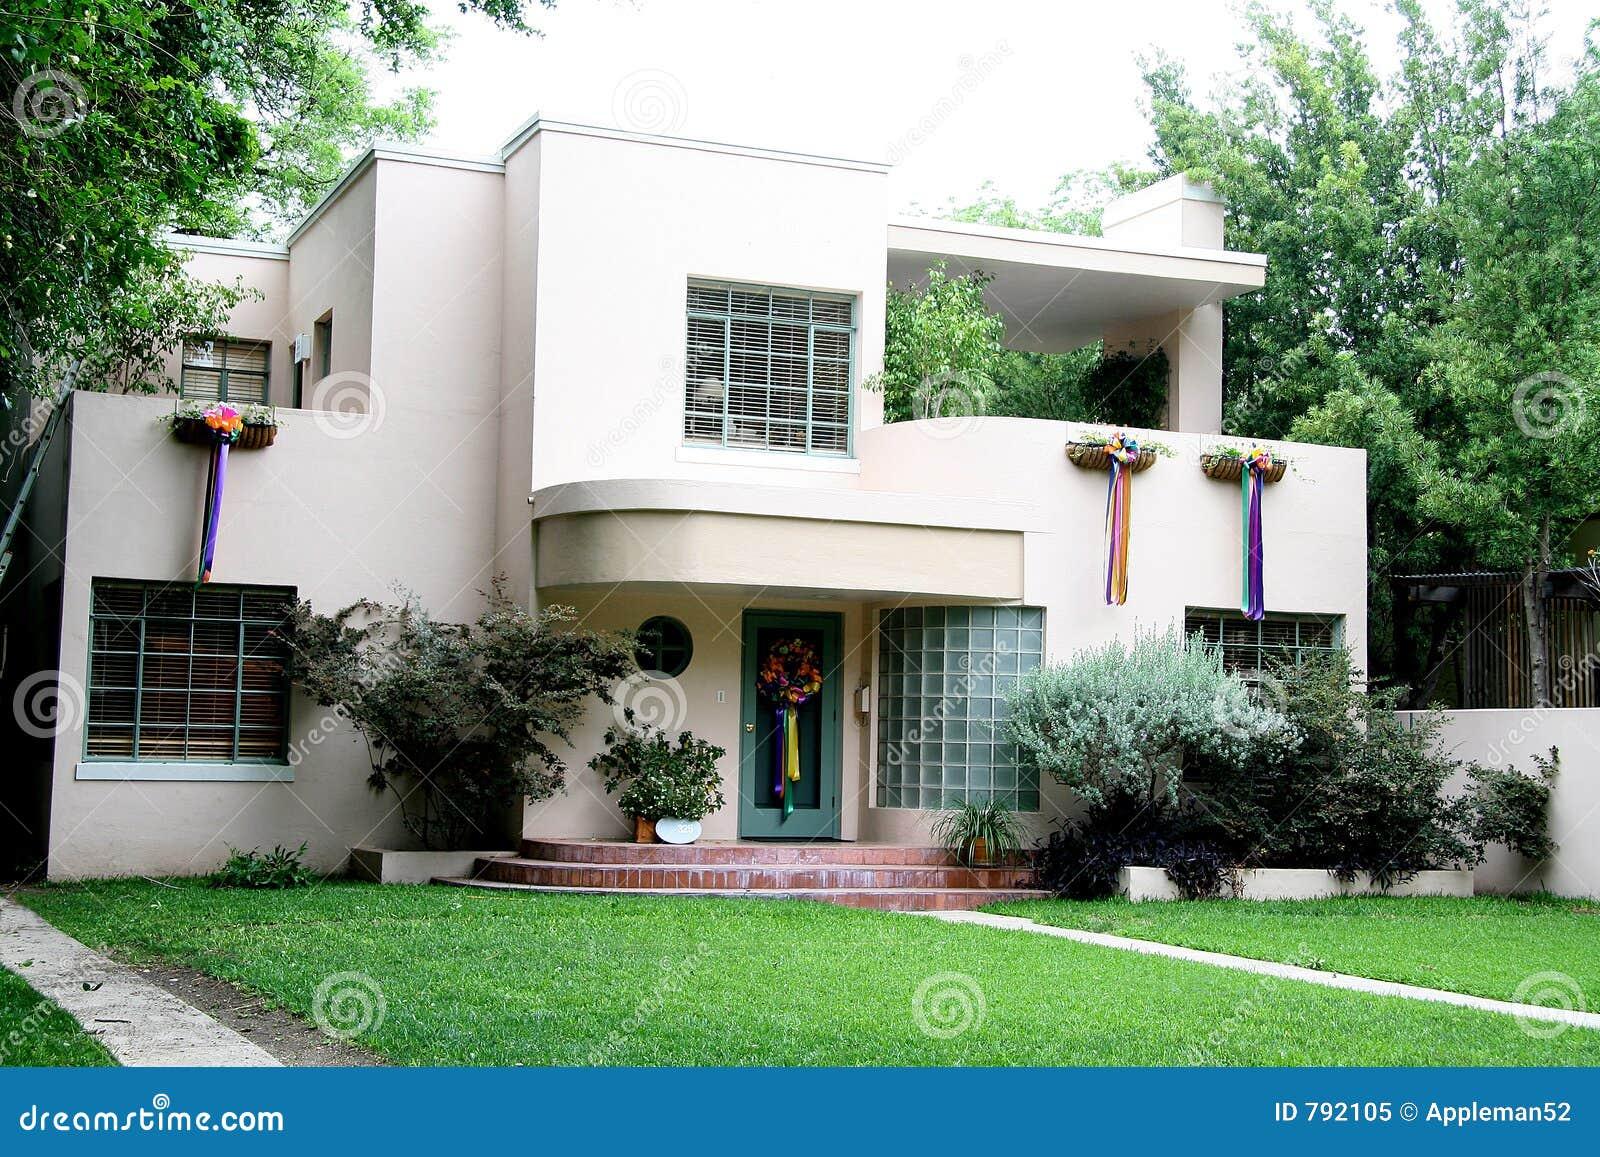 Casa dos anos 50 imagem de stock imagem de vintage deco for Free house photos